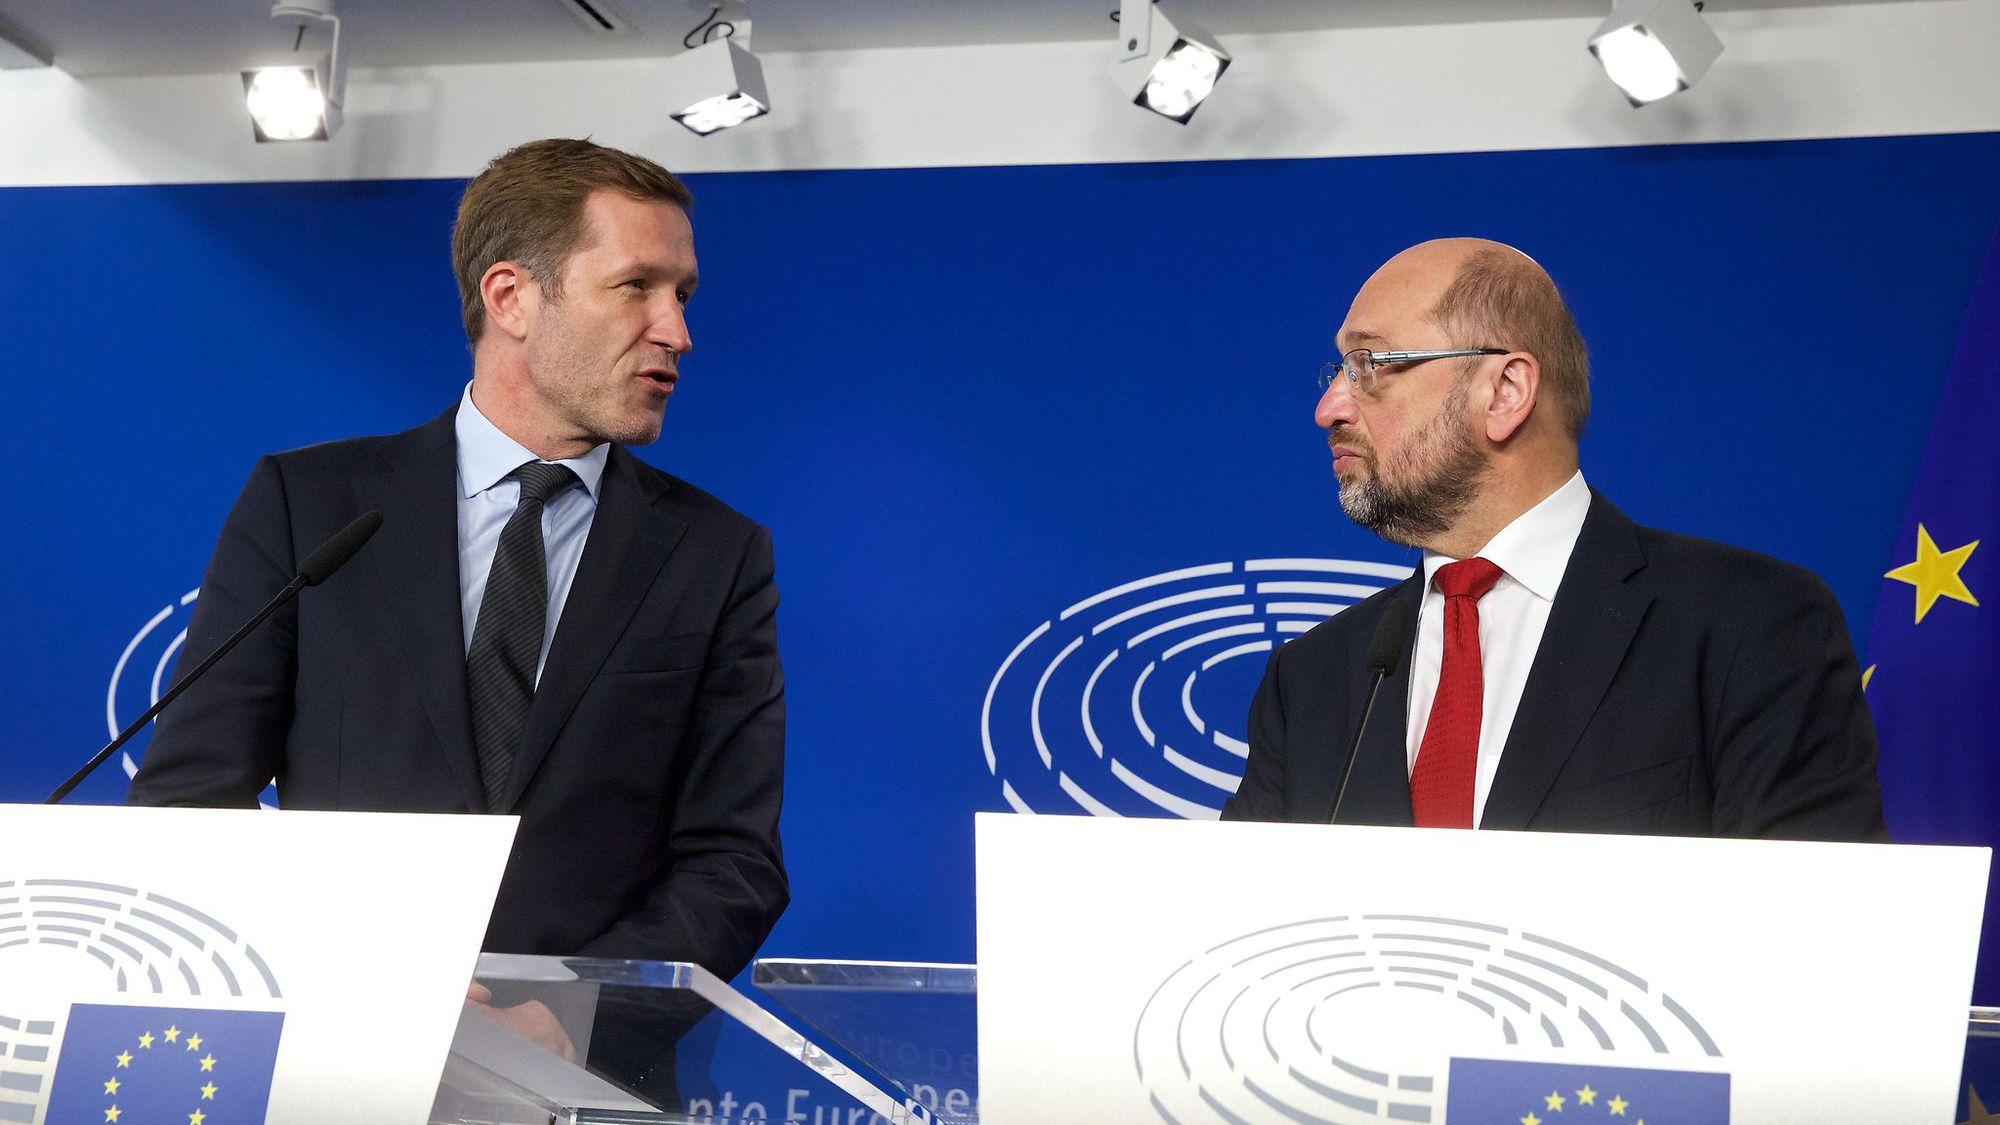 Le président du Parlement européen Martin Schulz (à droite) et le chef du gouvernement de la Wallonie, Paul Magnette, à Bruxelles le 22 octobre 2016